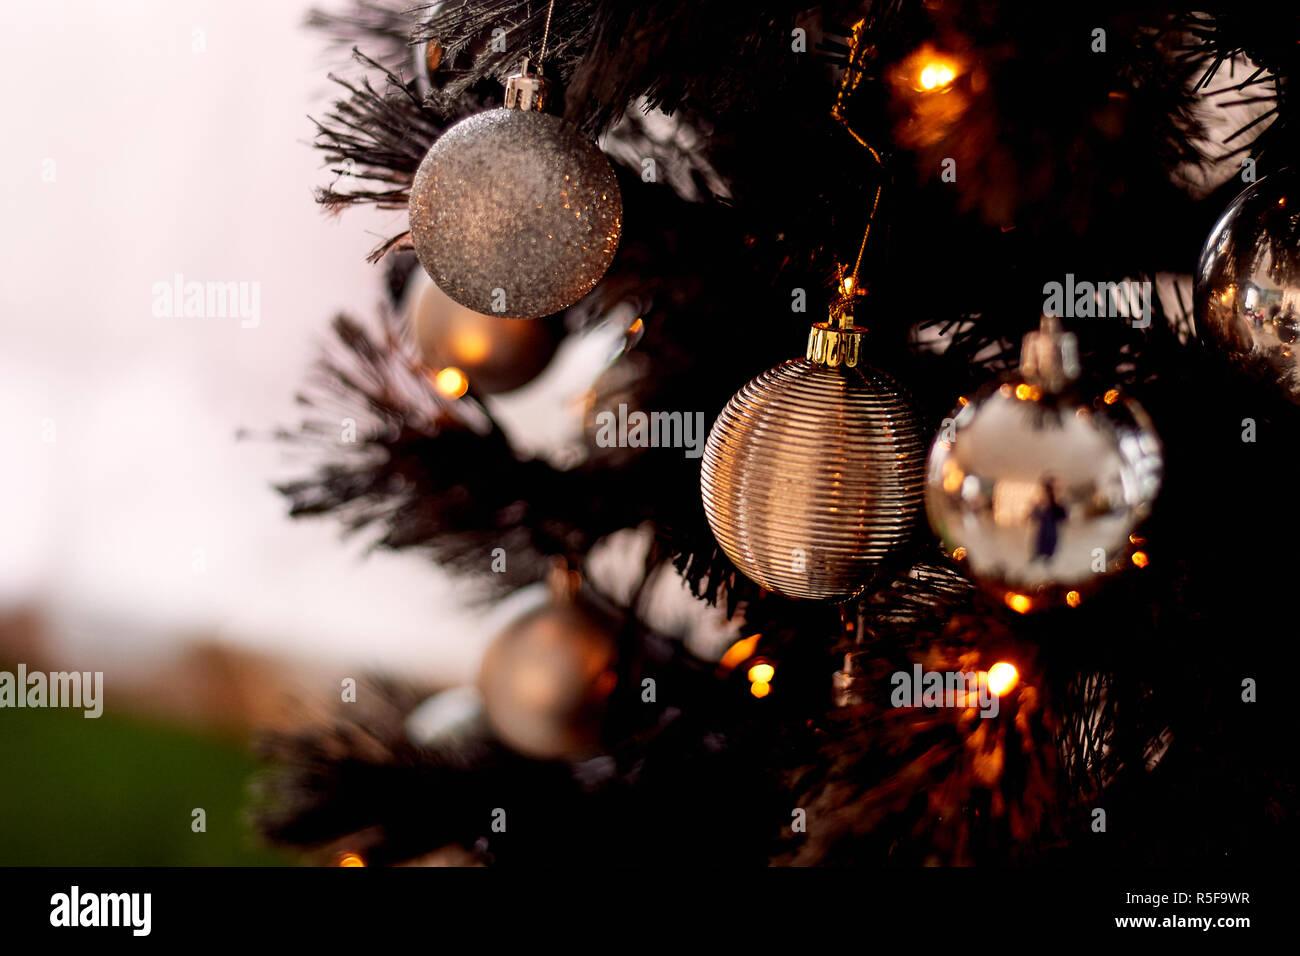 Kugeln auf dem Weihnachtsbaum, ein warmes festliches Licht Stockbild